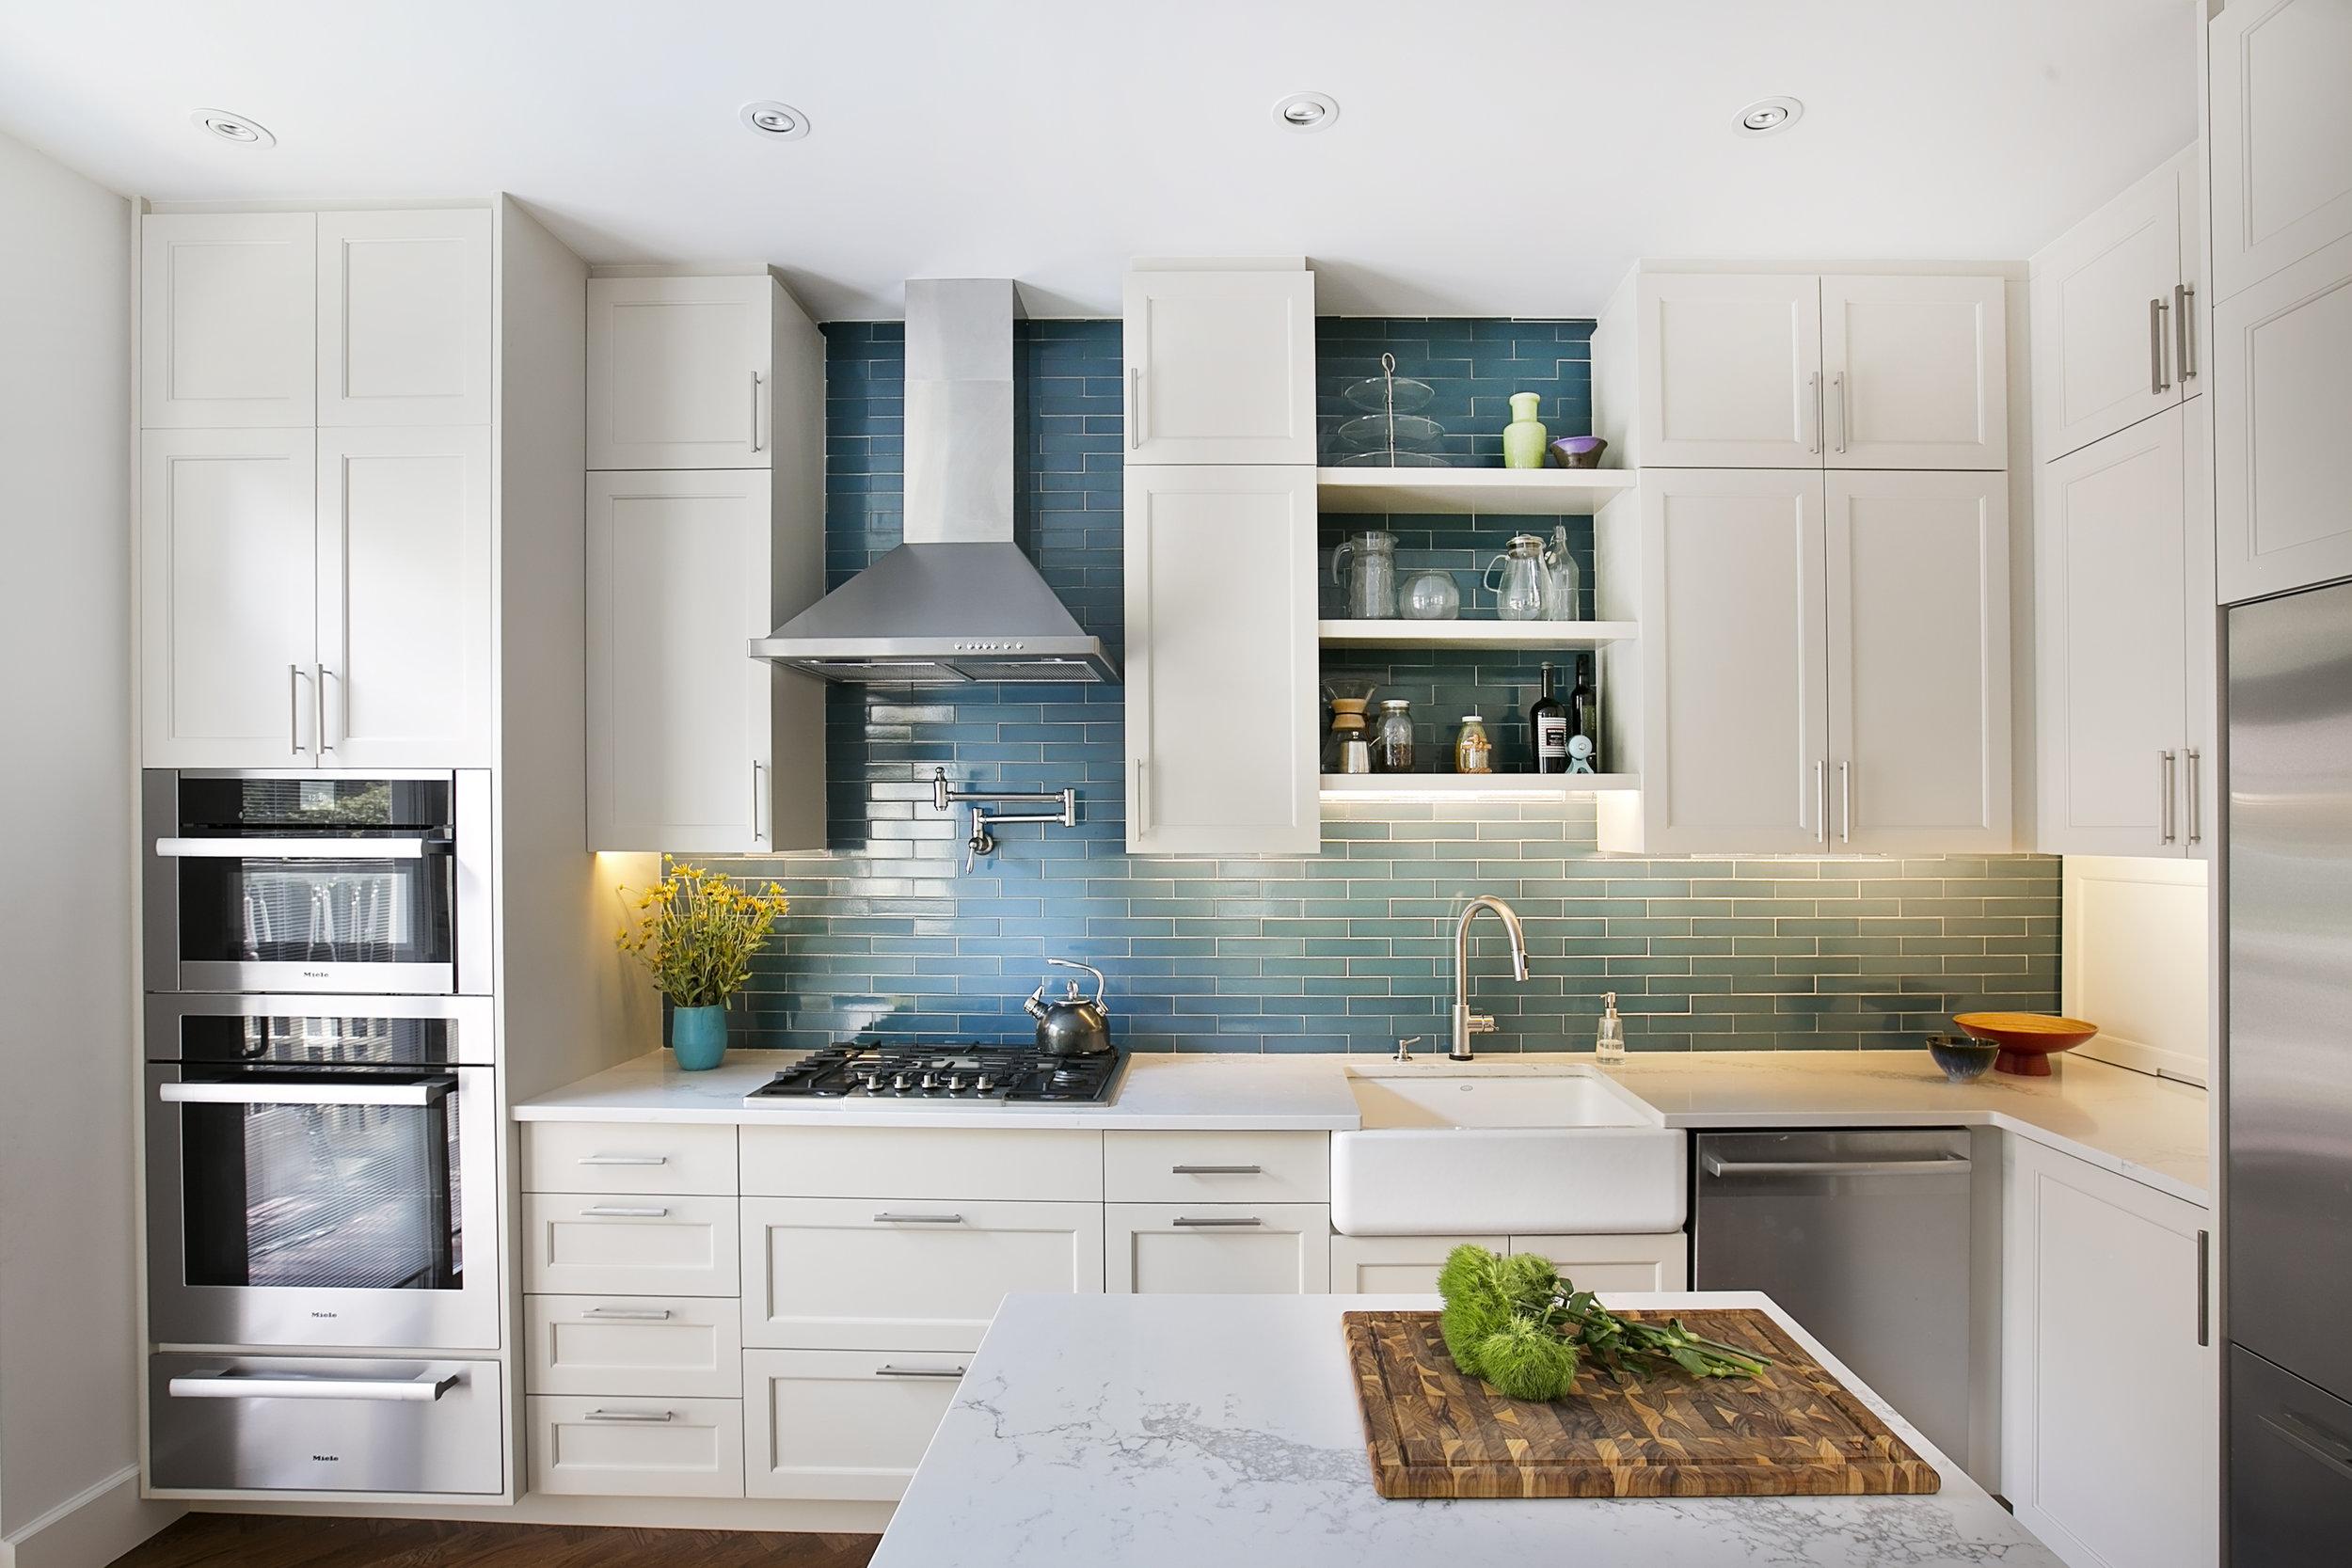 Blue-Tile-White-Cabinets-Modern-Luxury-Kitchen.jpg